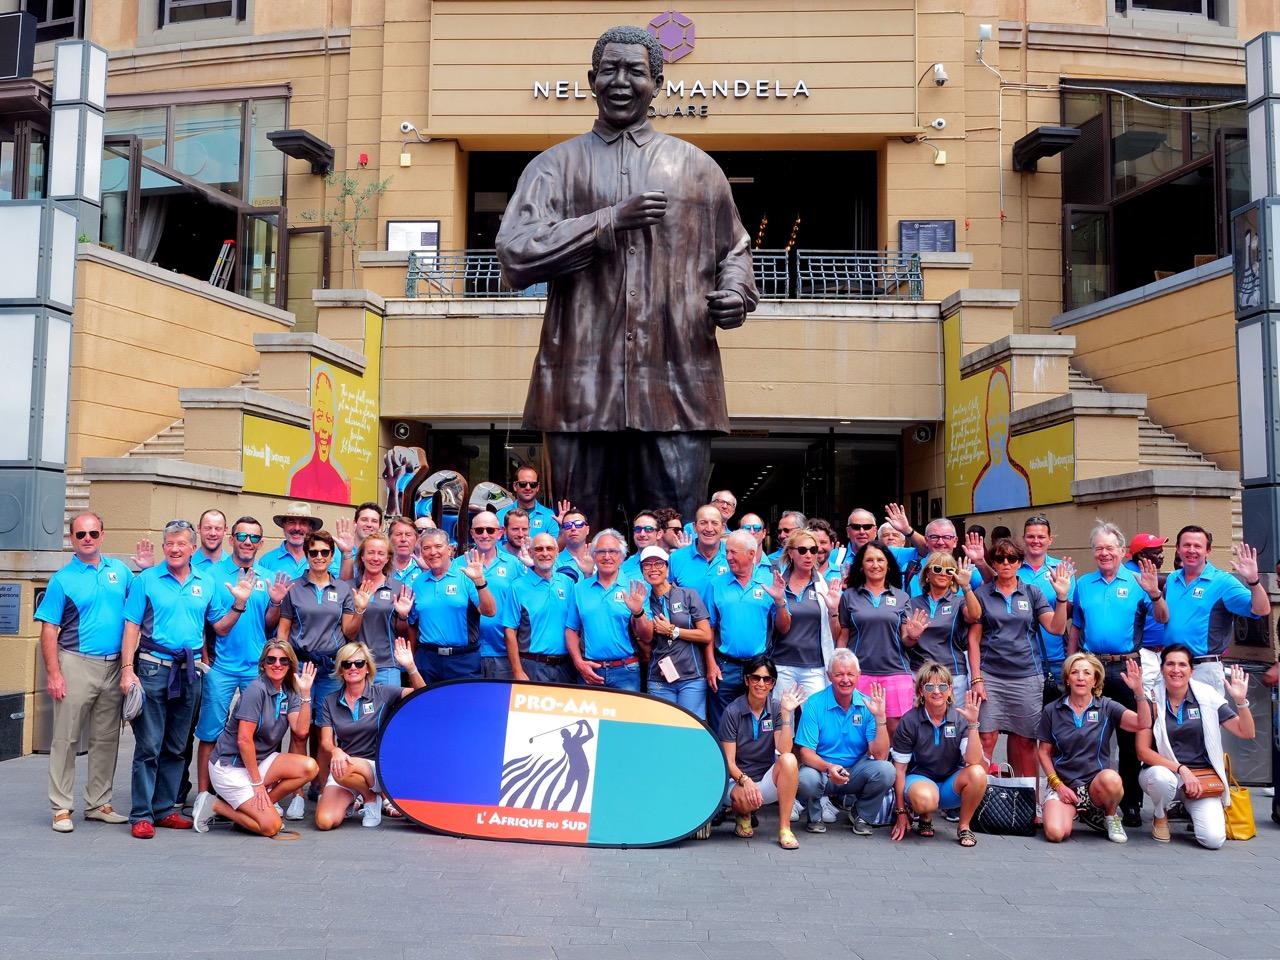 Les participants au pied de la statue de Nelson Mandela